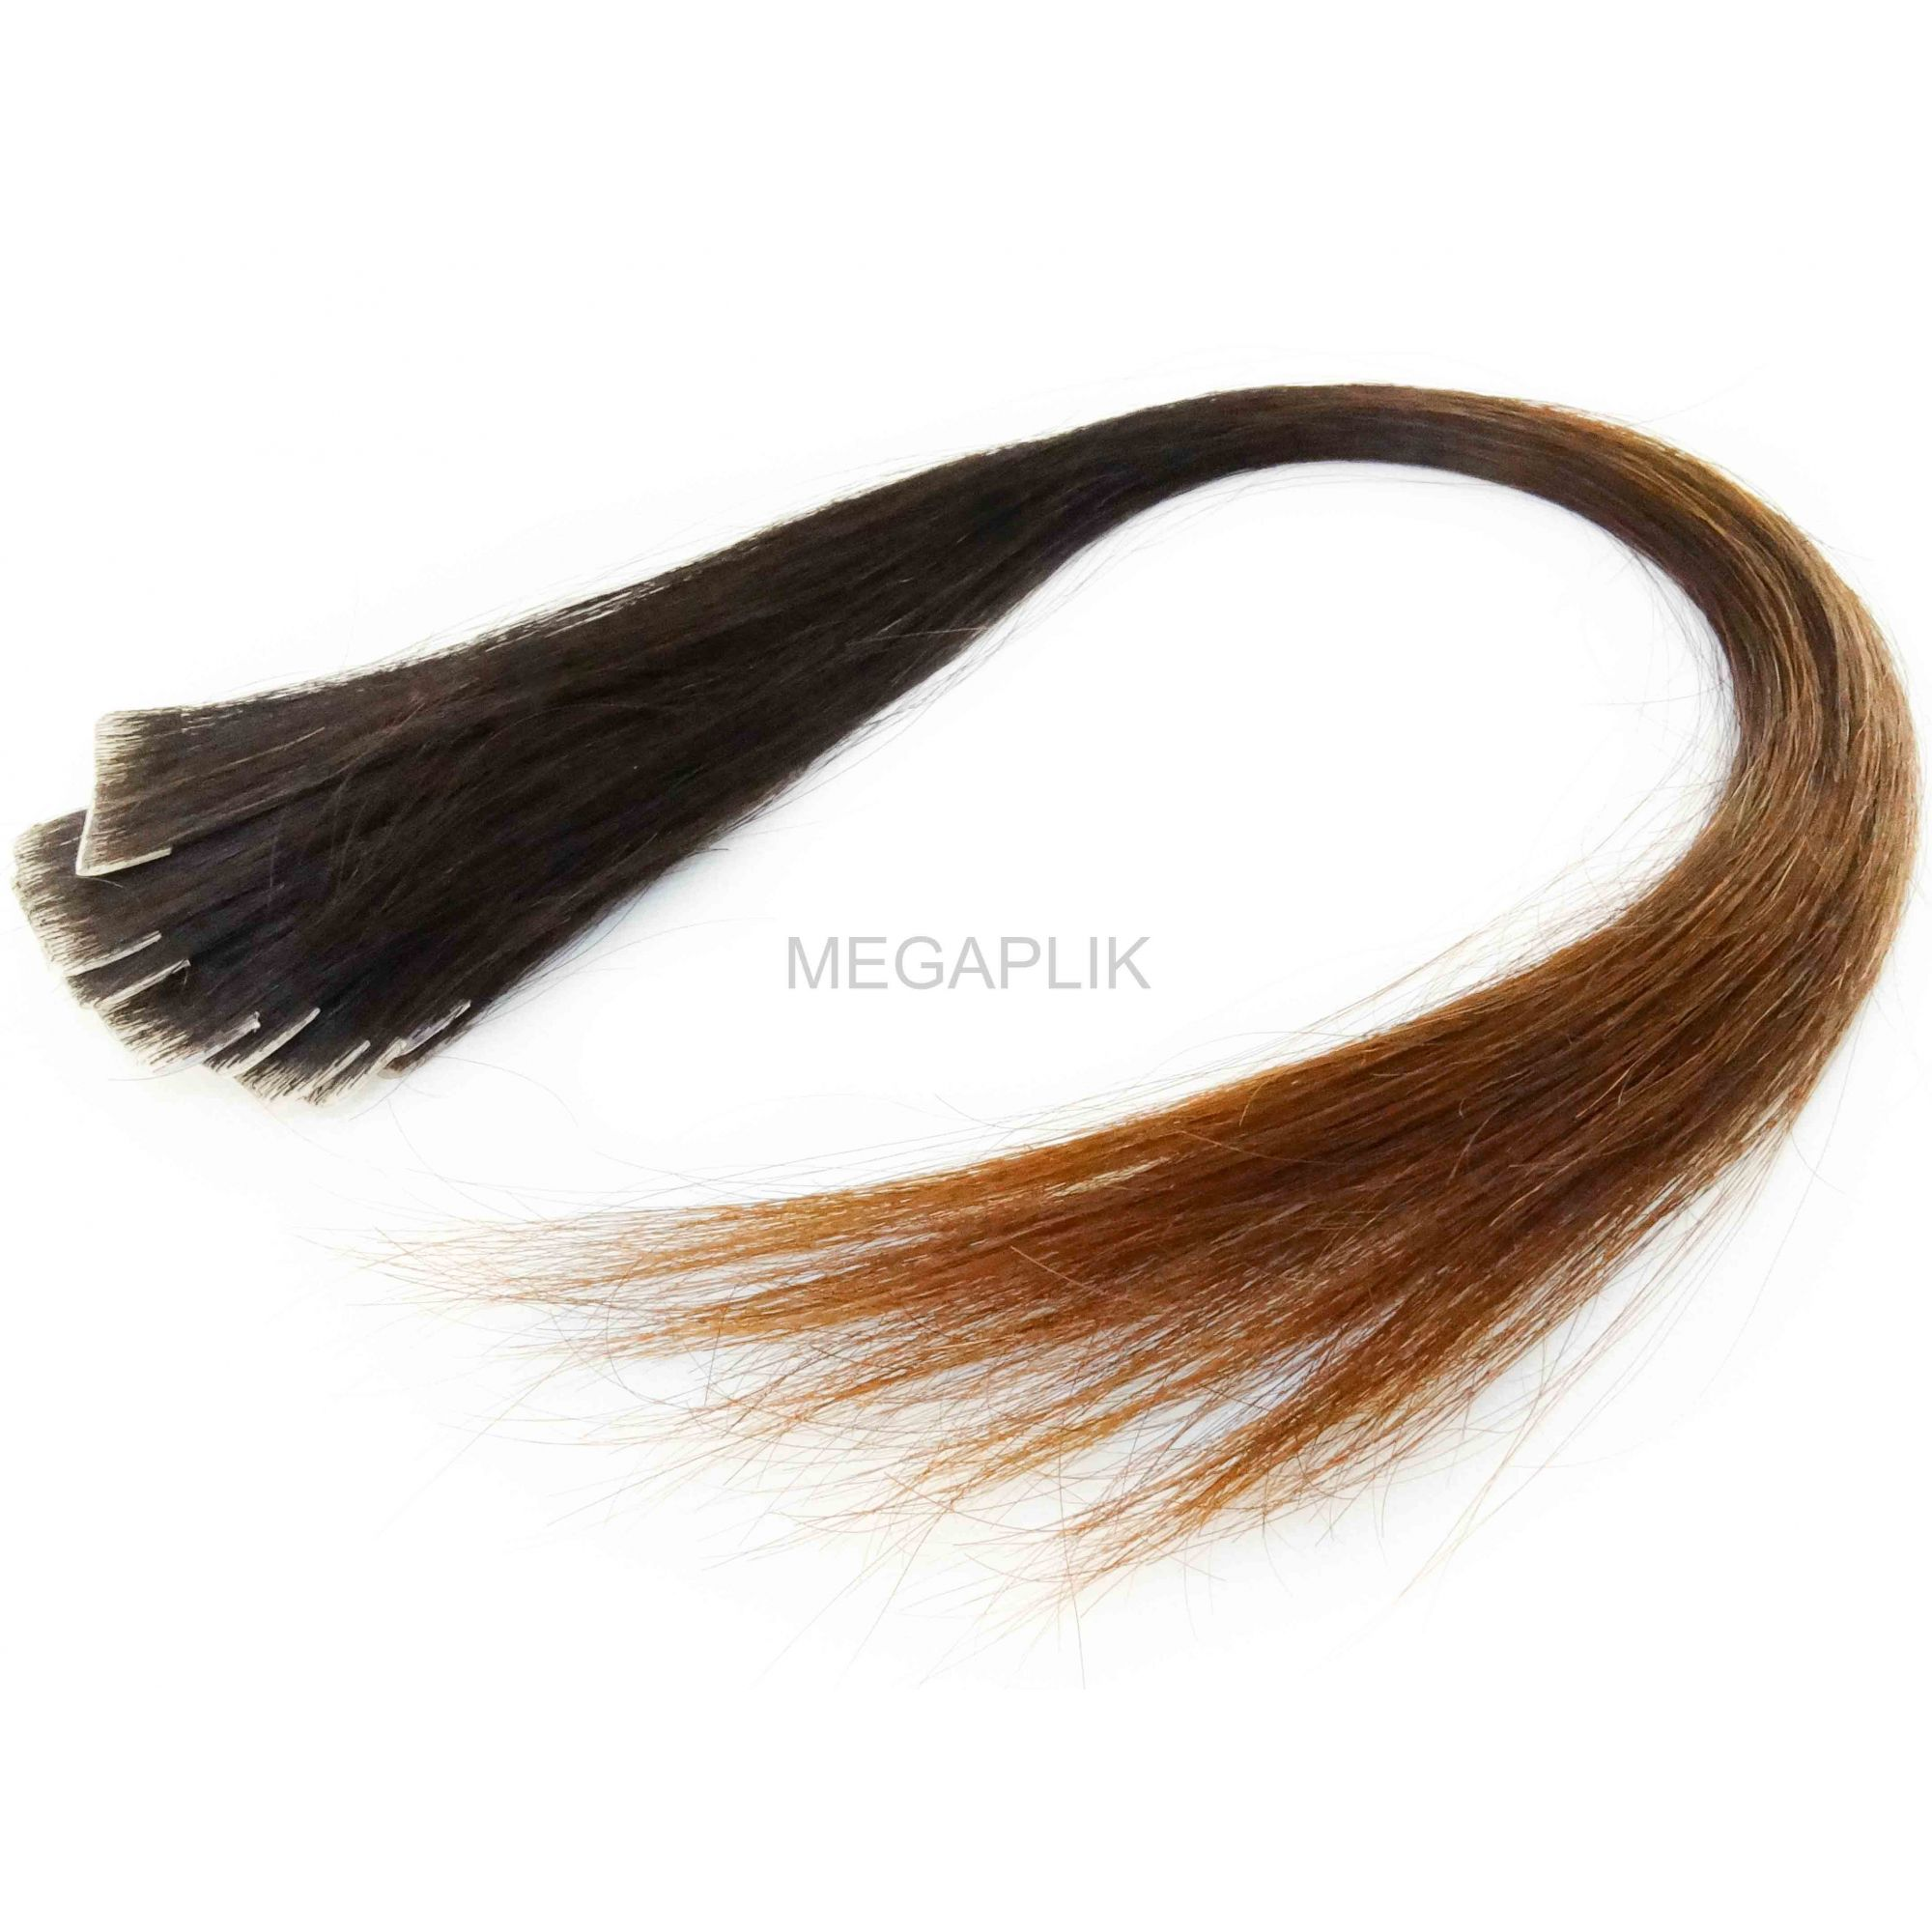 Mega Hair Invisível Cabelo Humano Castanho Escuro Natural Ombre - 10 peças 45cm 15g